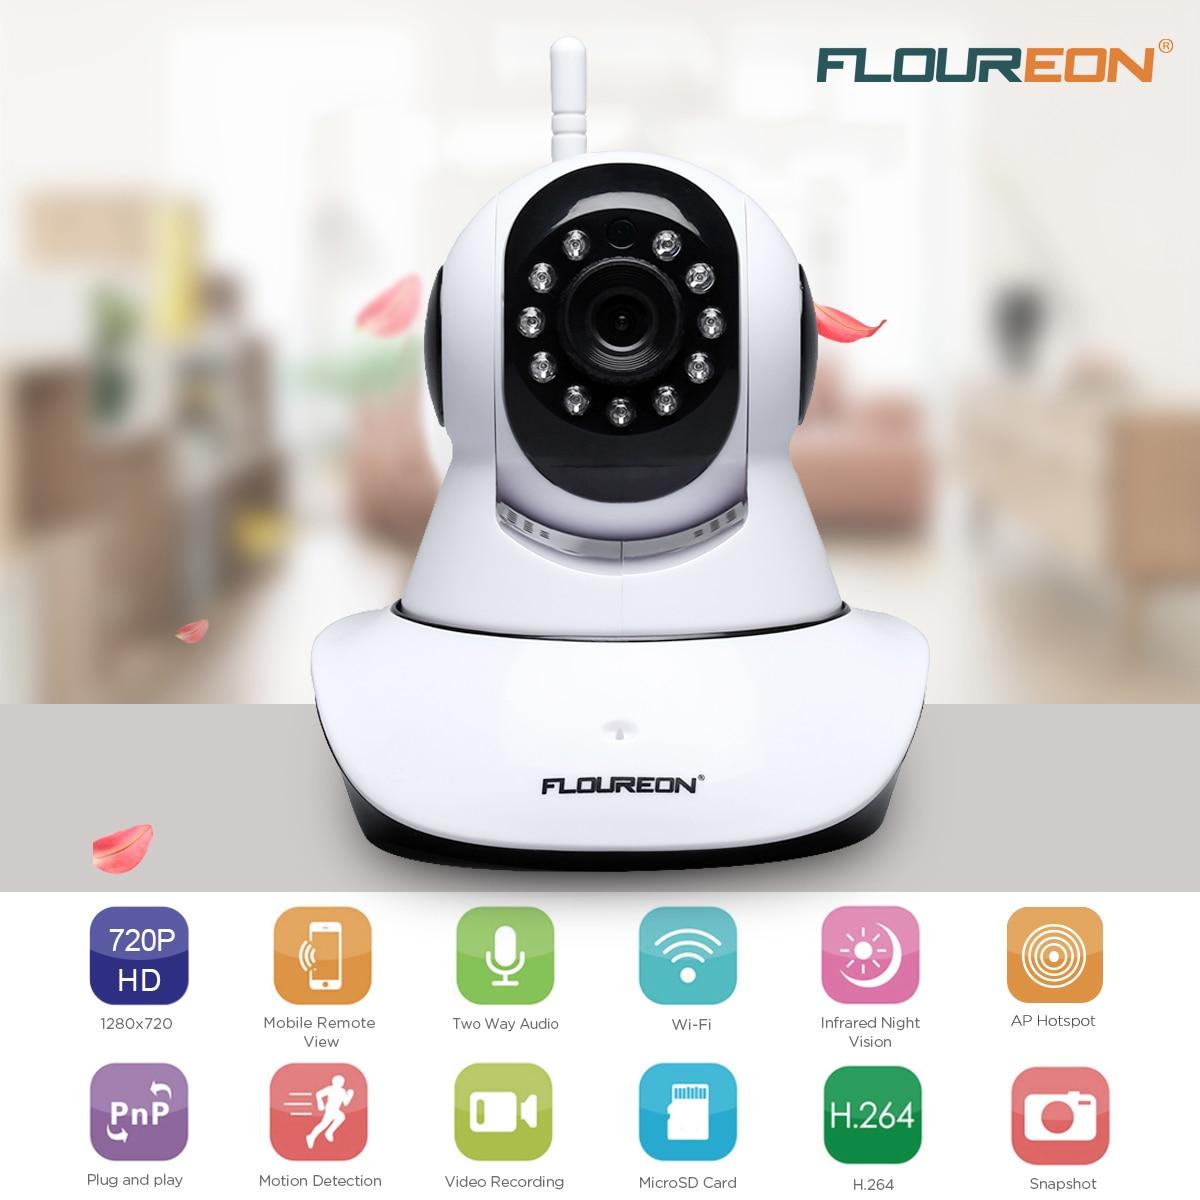 Buy Floureon Indoor WiFi Home Security IP Camera